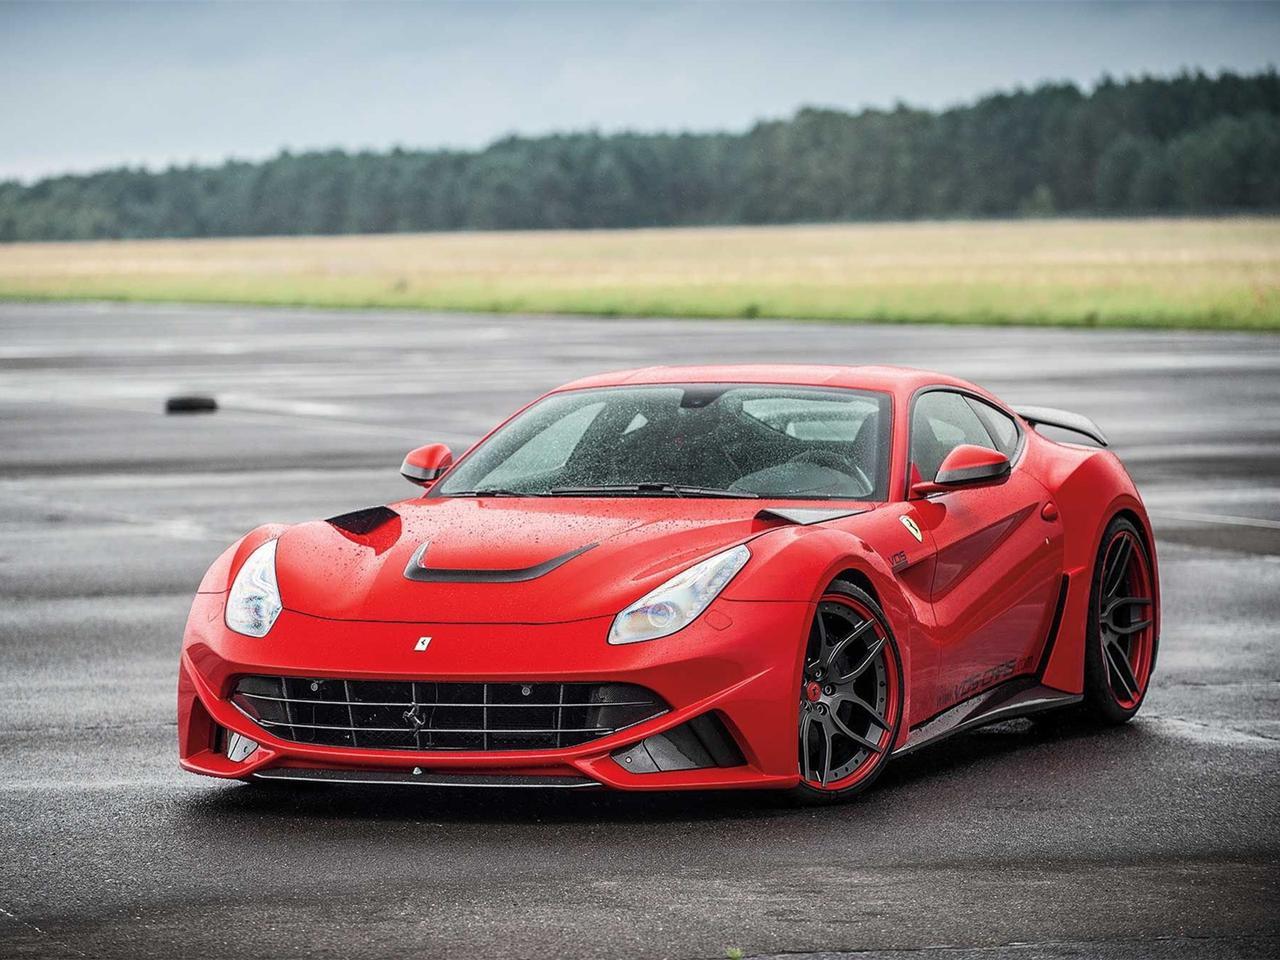 Ferrari F12 Berlinetta 改装